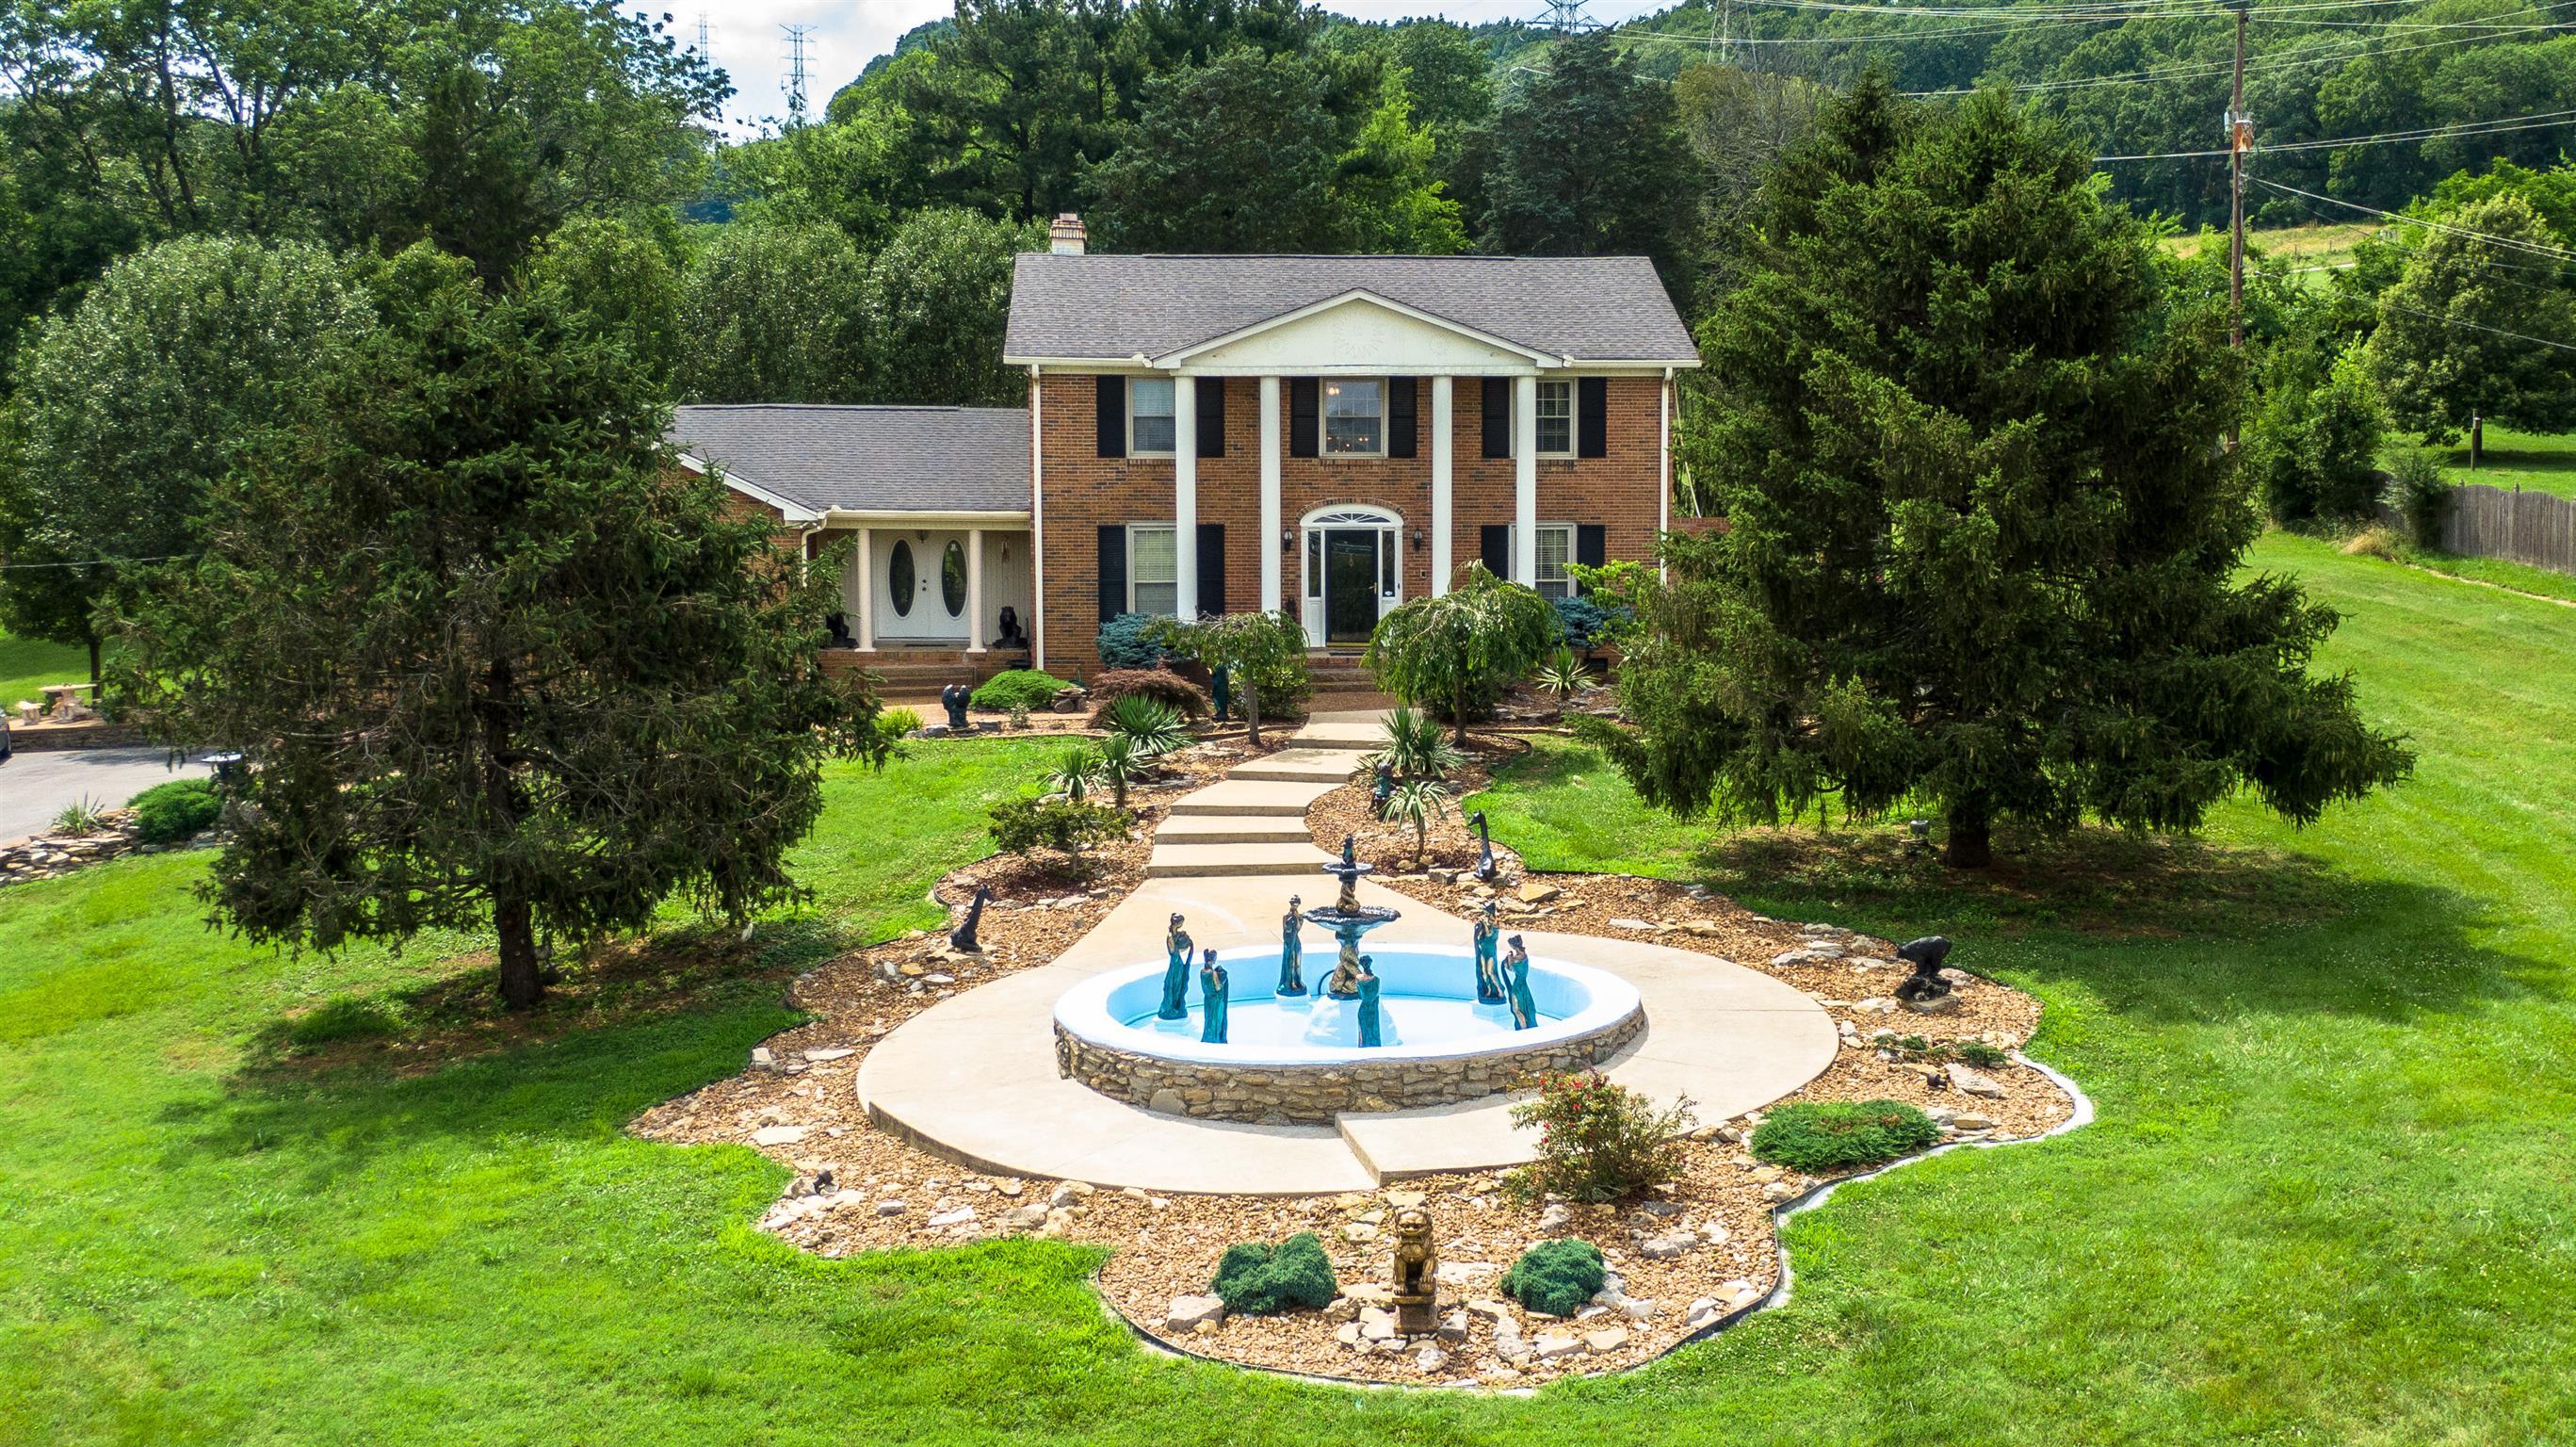 5309 Franklin Pike, Nashville, TN 37220 - Nashville, TN real estate listing